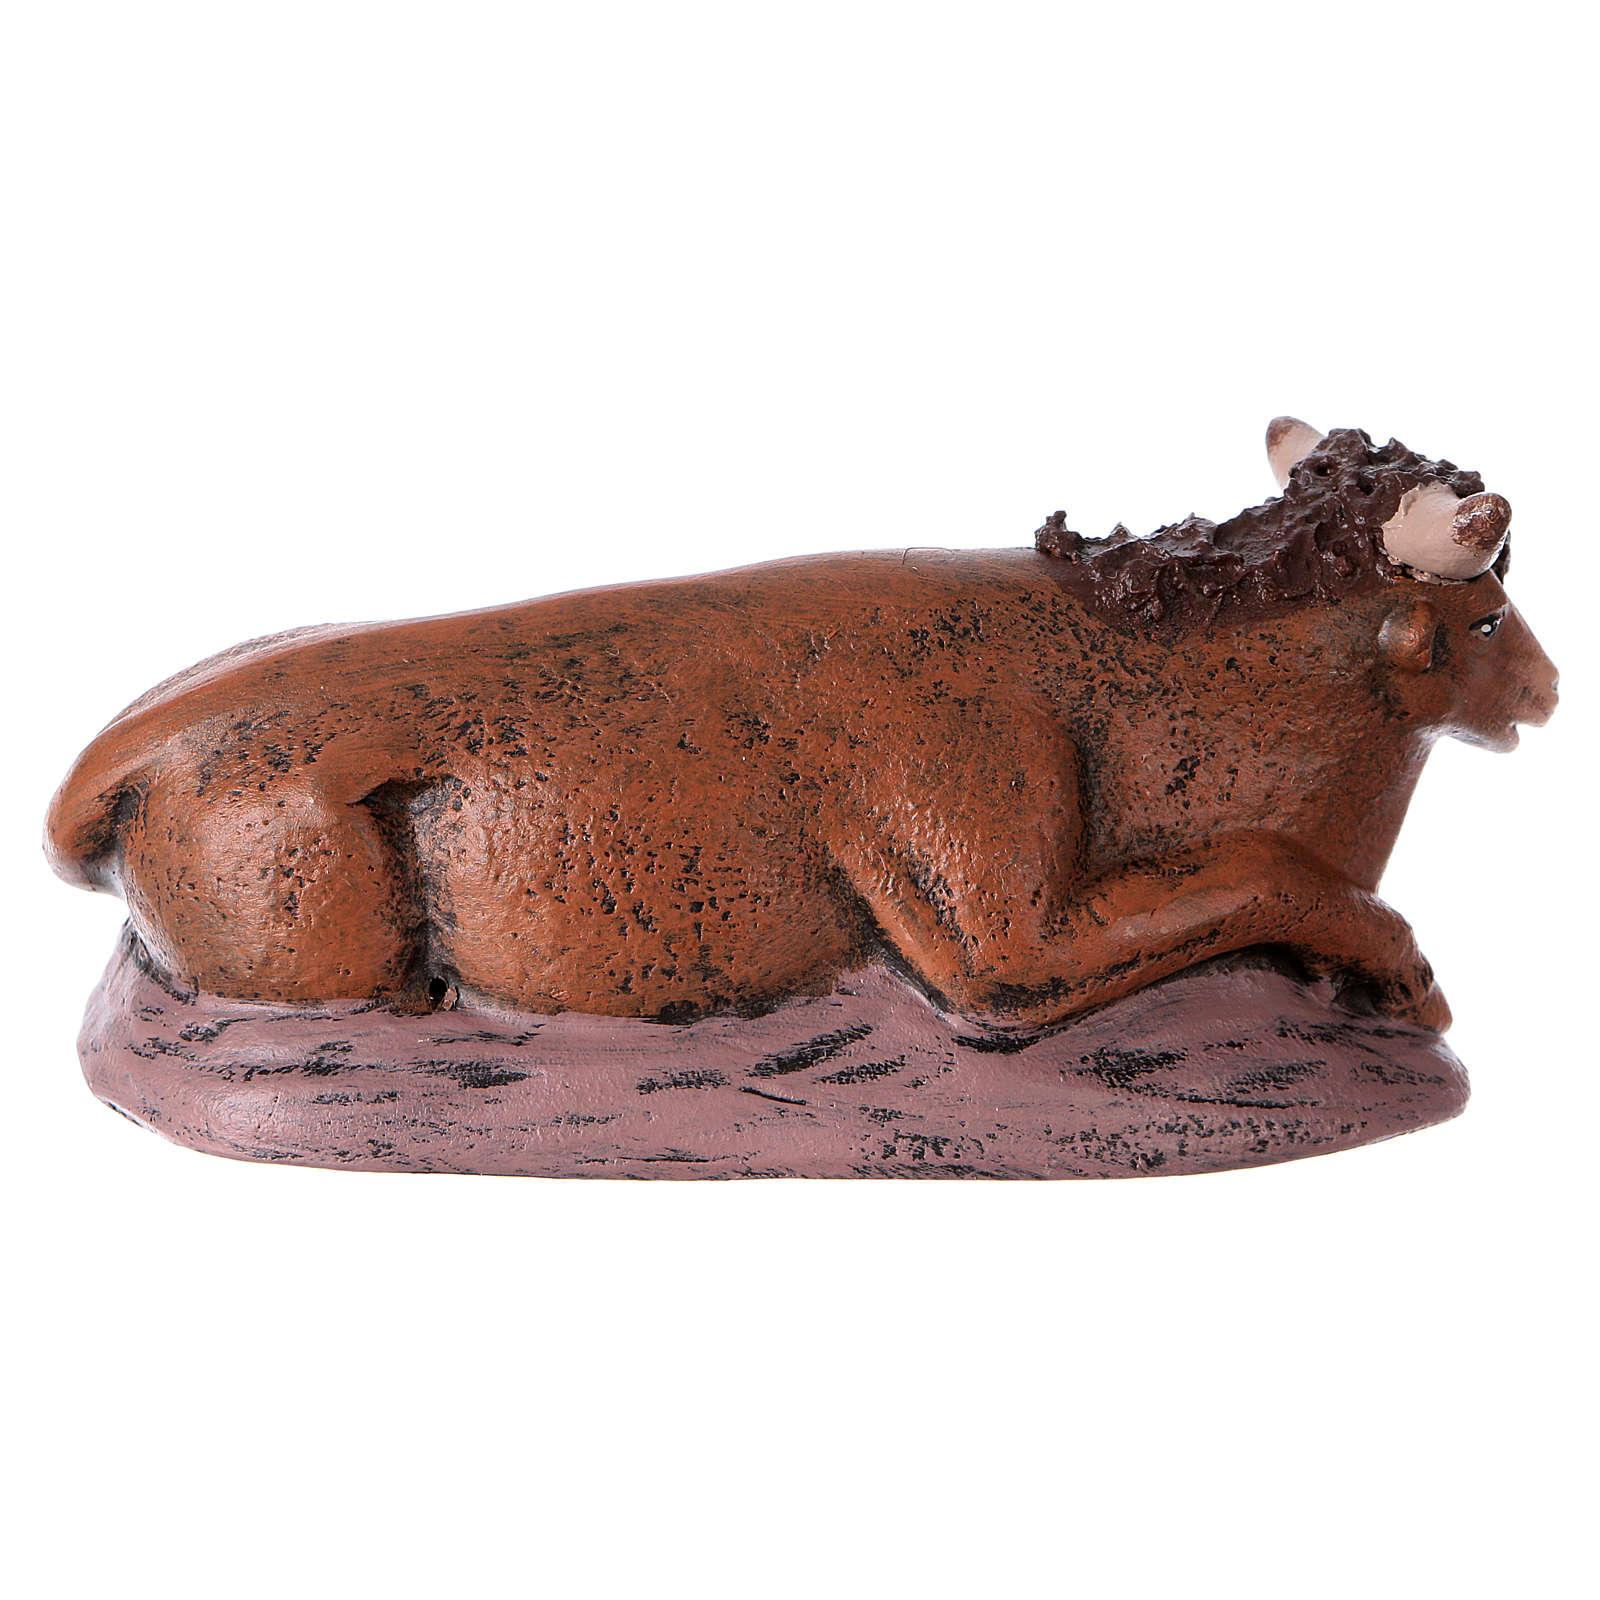 Natività presepe 14 cm terracotta stoffa 6 soggetti stile Spagnolo 3